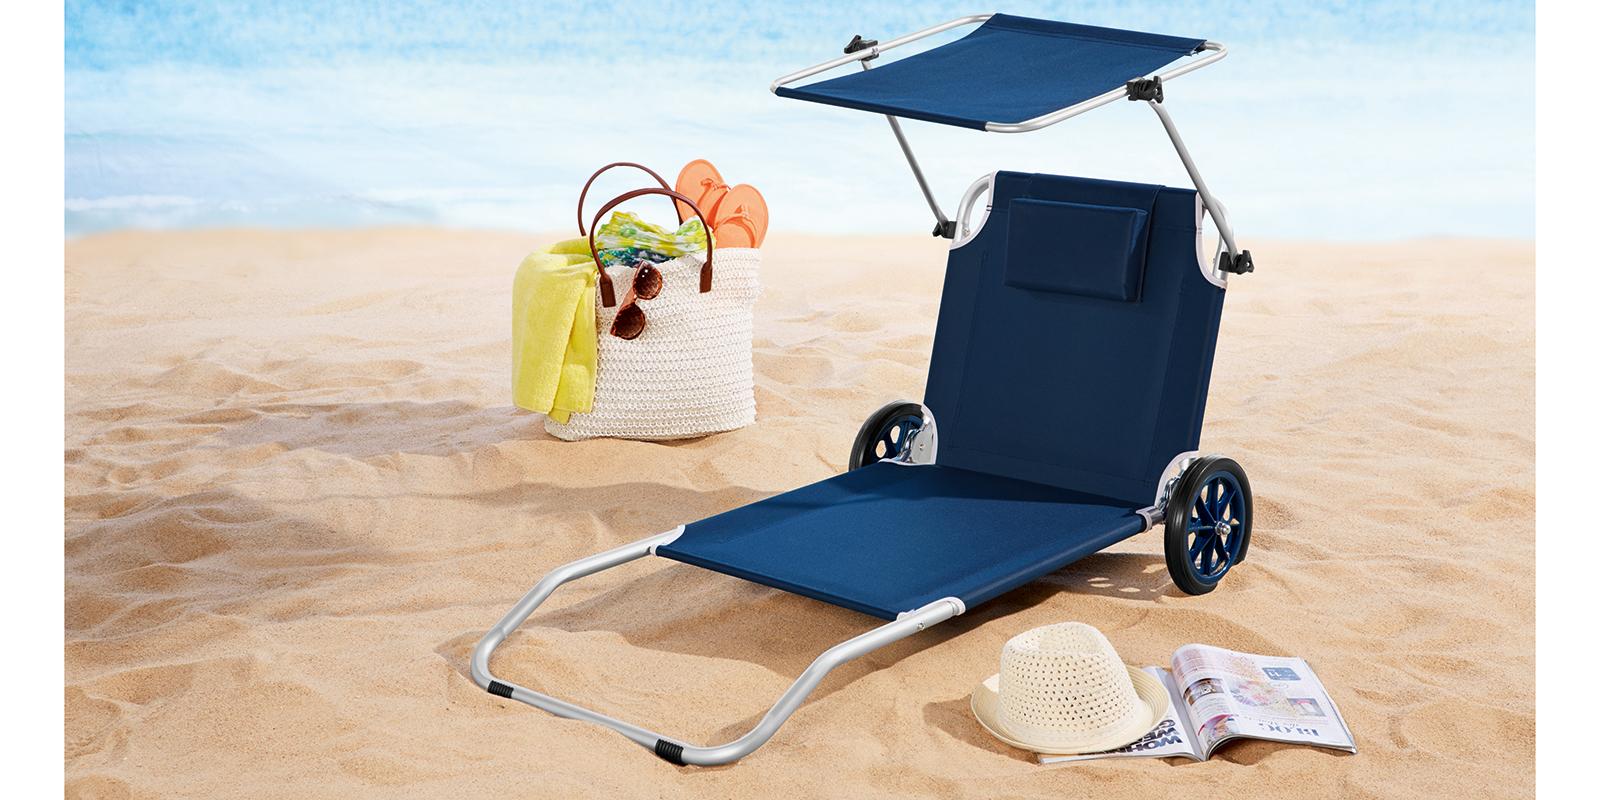 Strandliege mit rollen und dach  Alu Strandliege Sonnenliege mit Dach Räder Gartenliege Camping ...